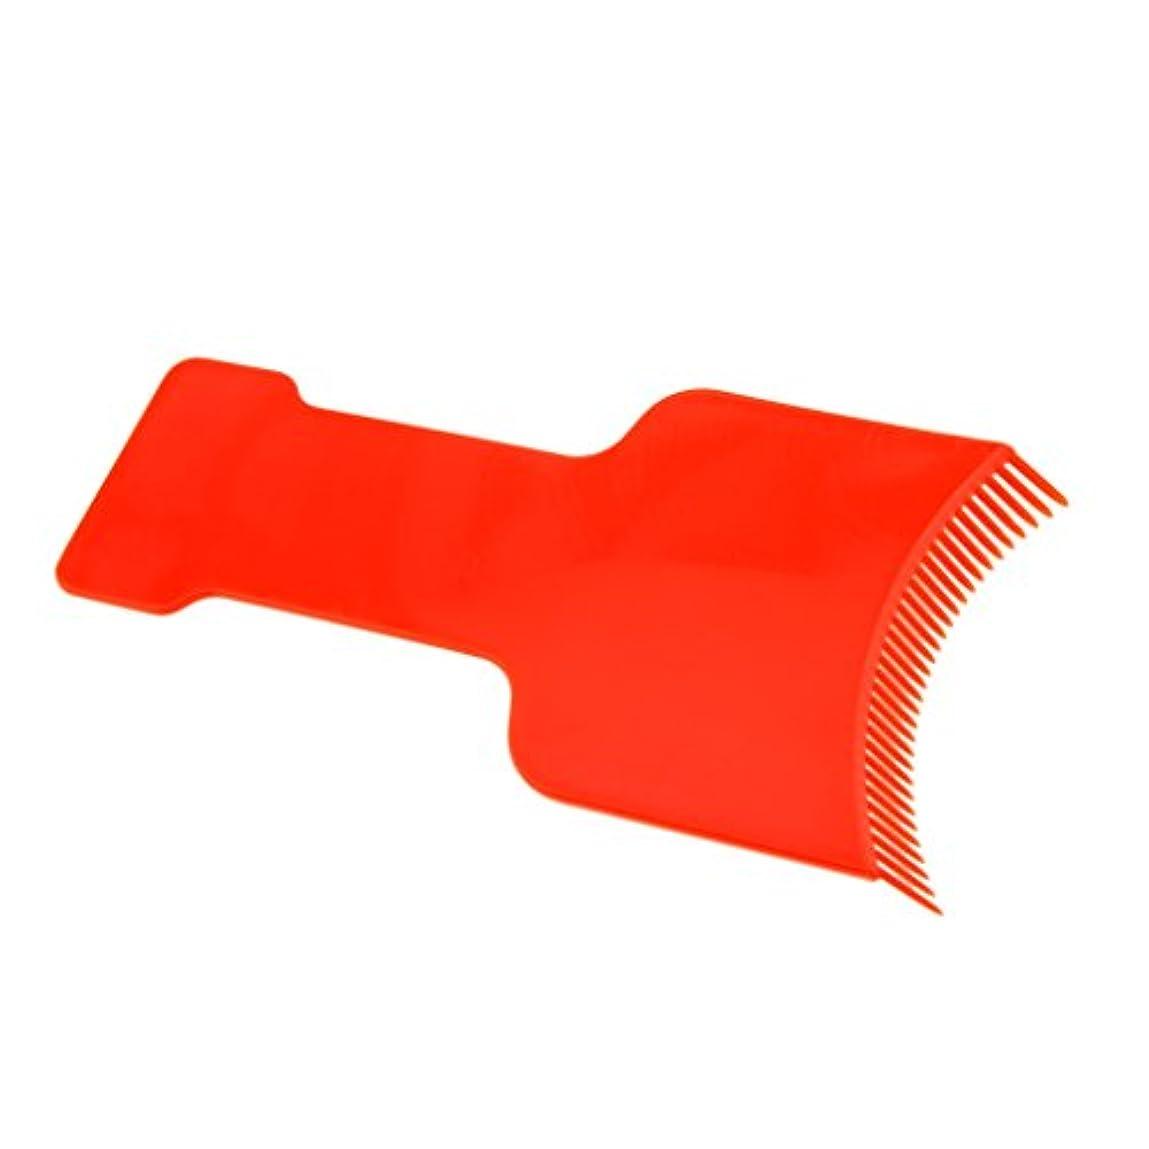 複数刻む必須Blesiya ヘアカラーボード サロン ヘアカラー ボード ヘアカラーティントプレート 理髪 美容院